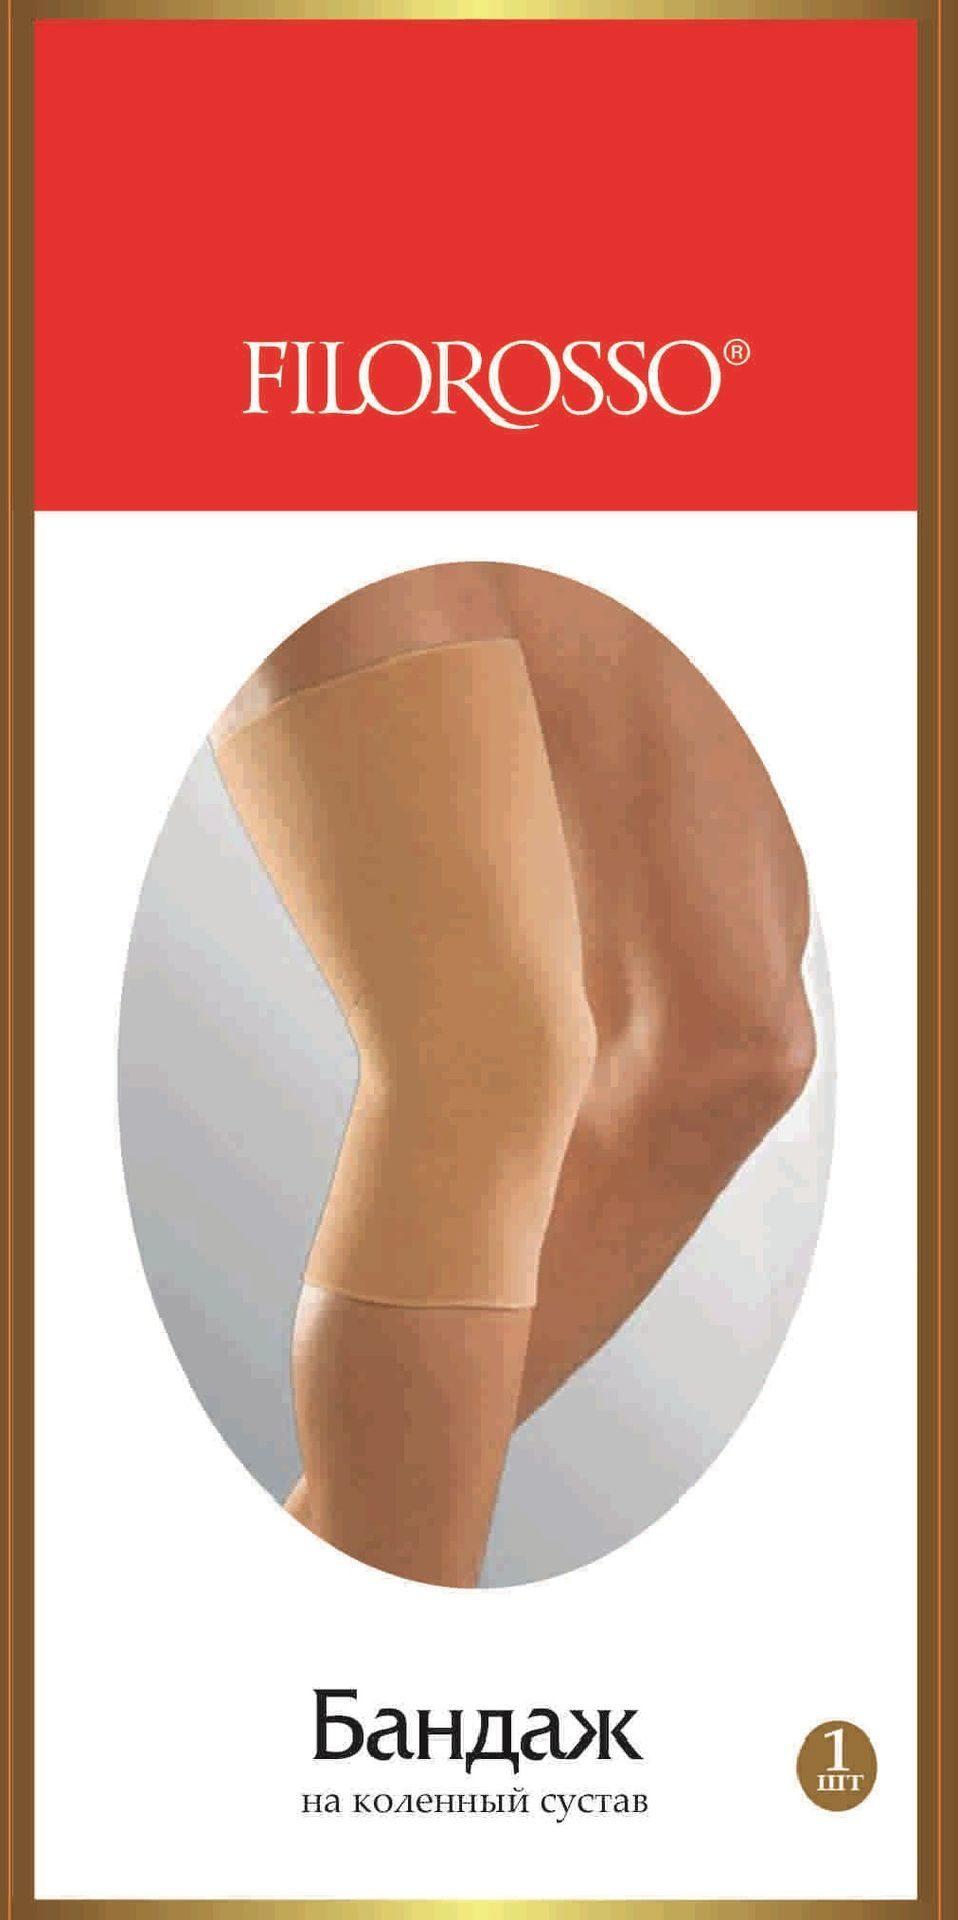 Бандаж коленного сустава Filorosso 50 den